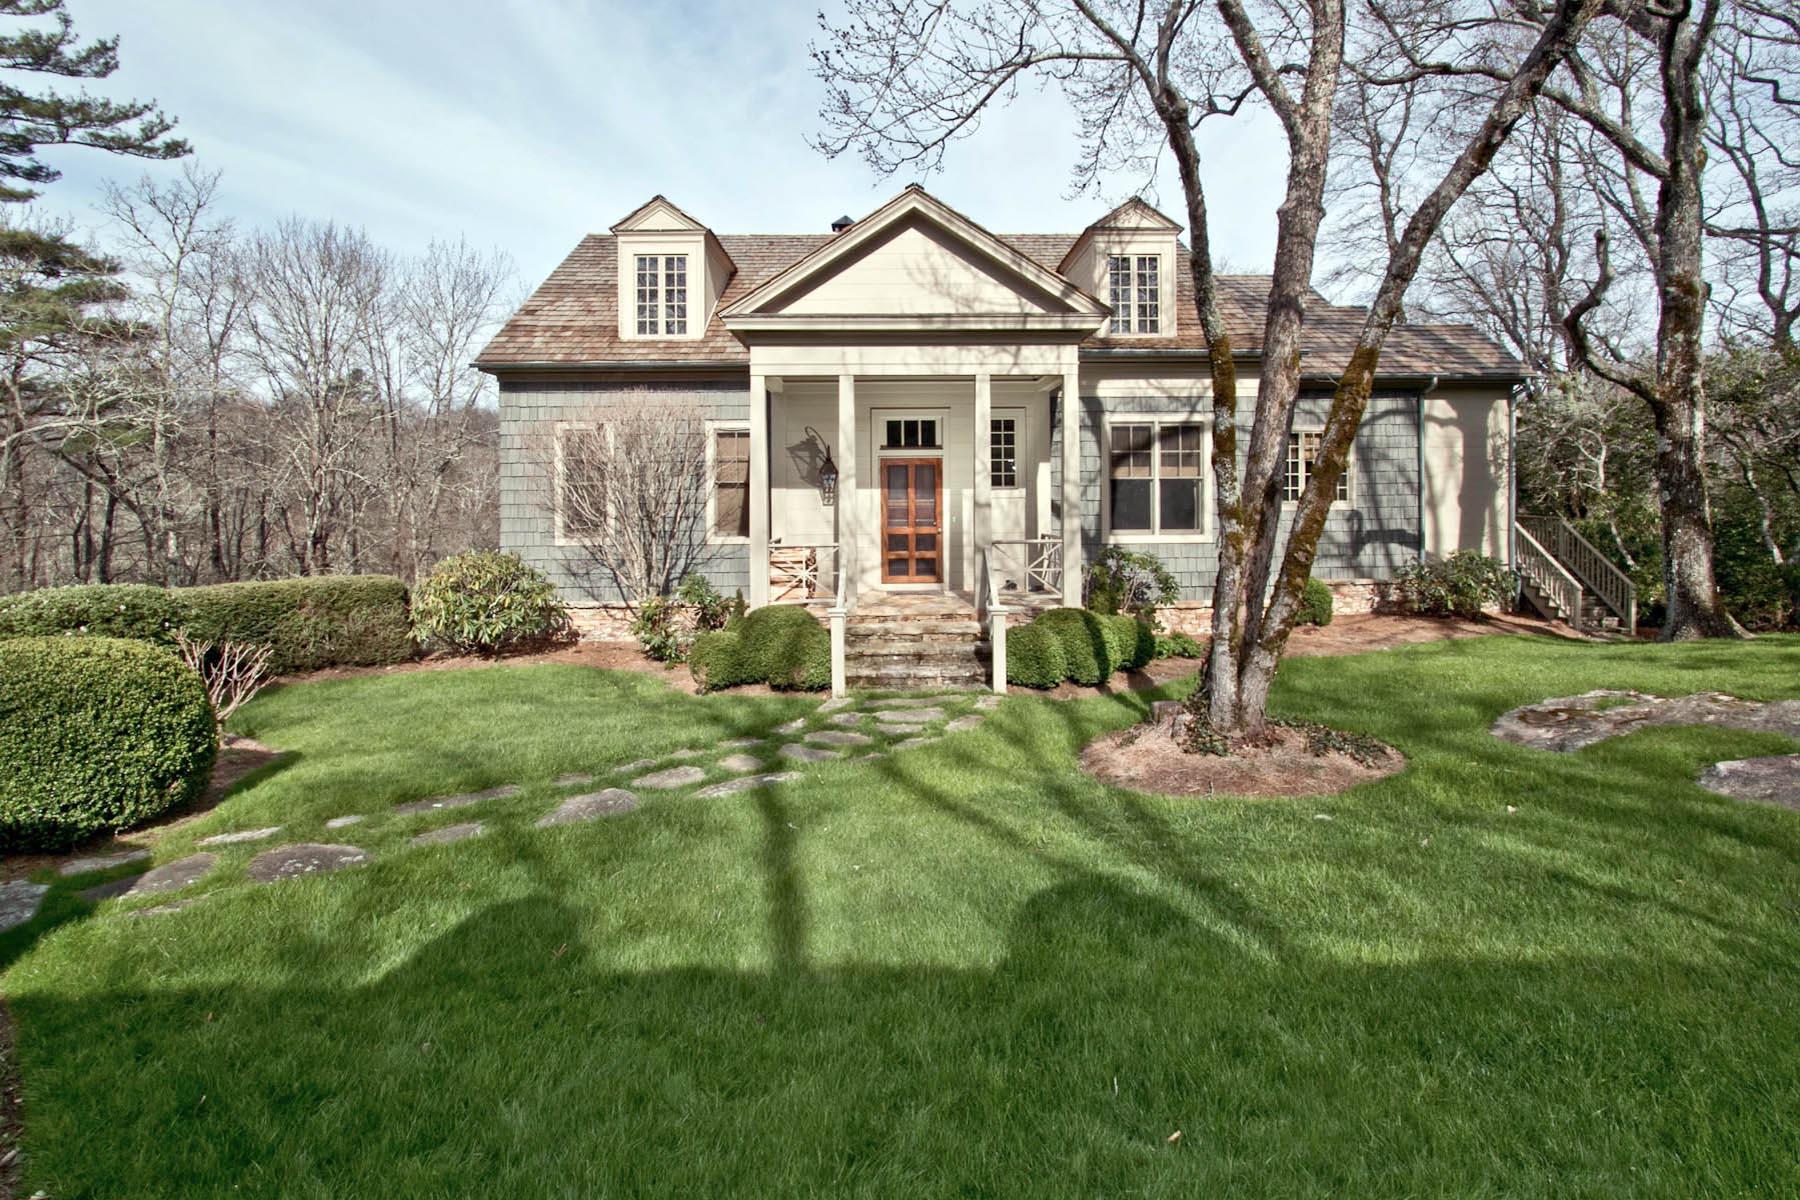 Casa Unifamiliar por un Venta en 47 Galax Court Highlands, Carolina Del Norte, 28741 Estados Unidos